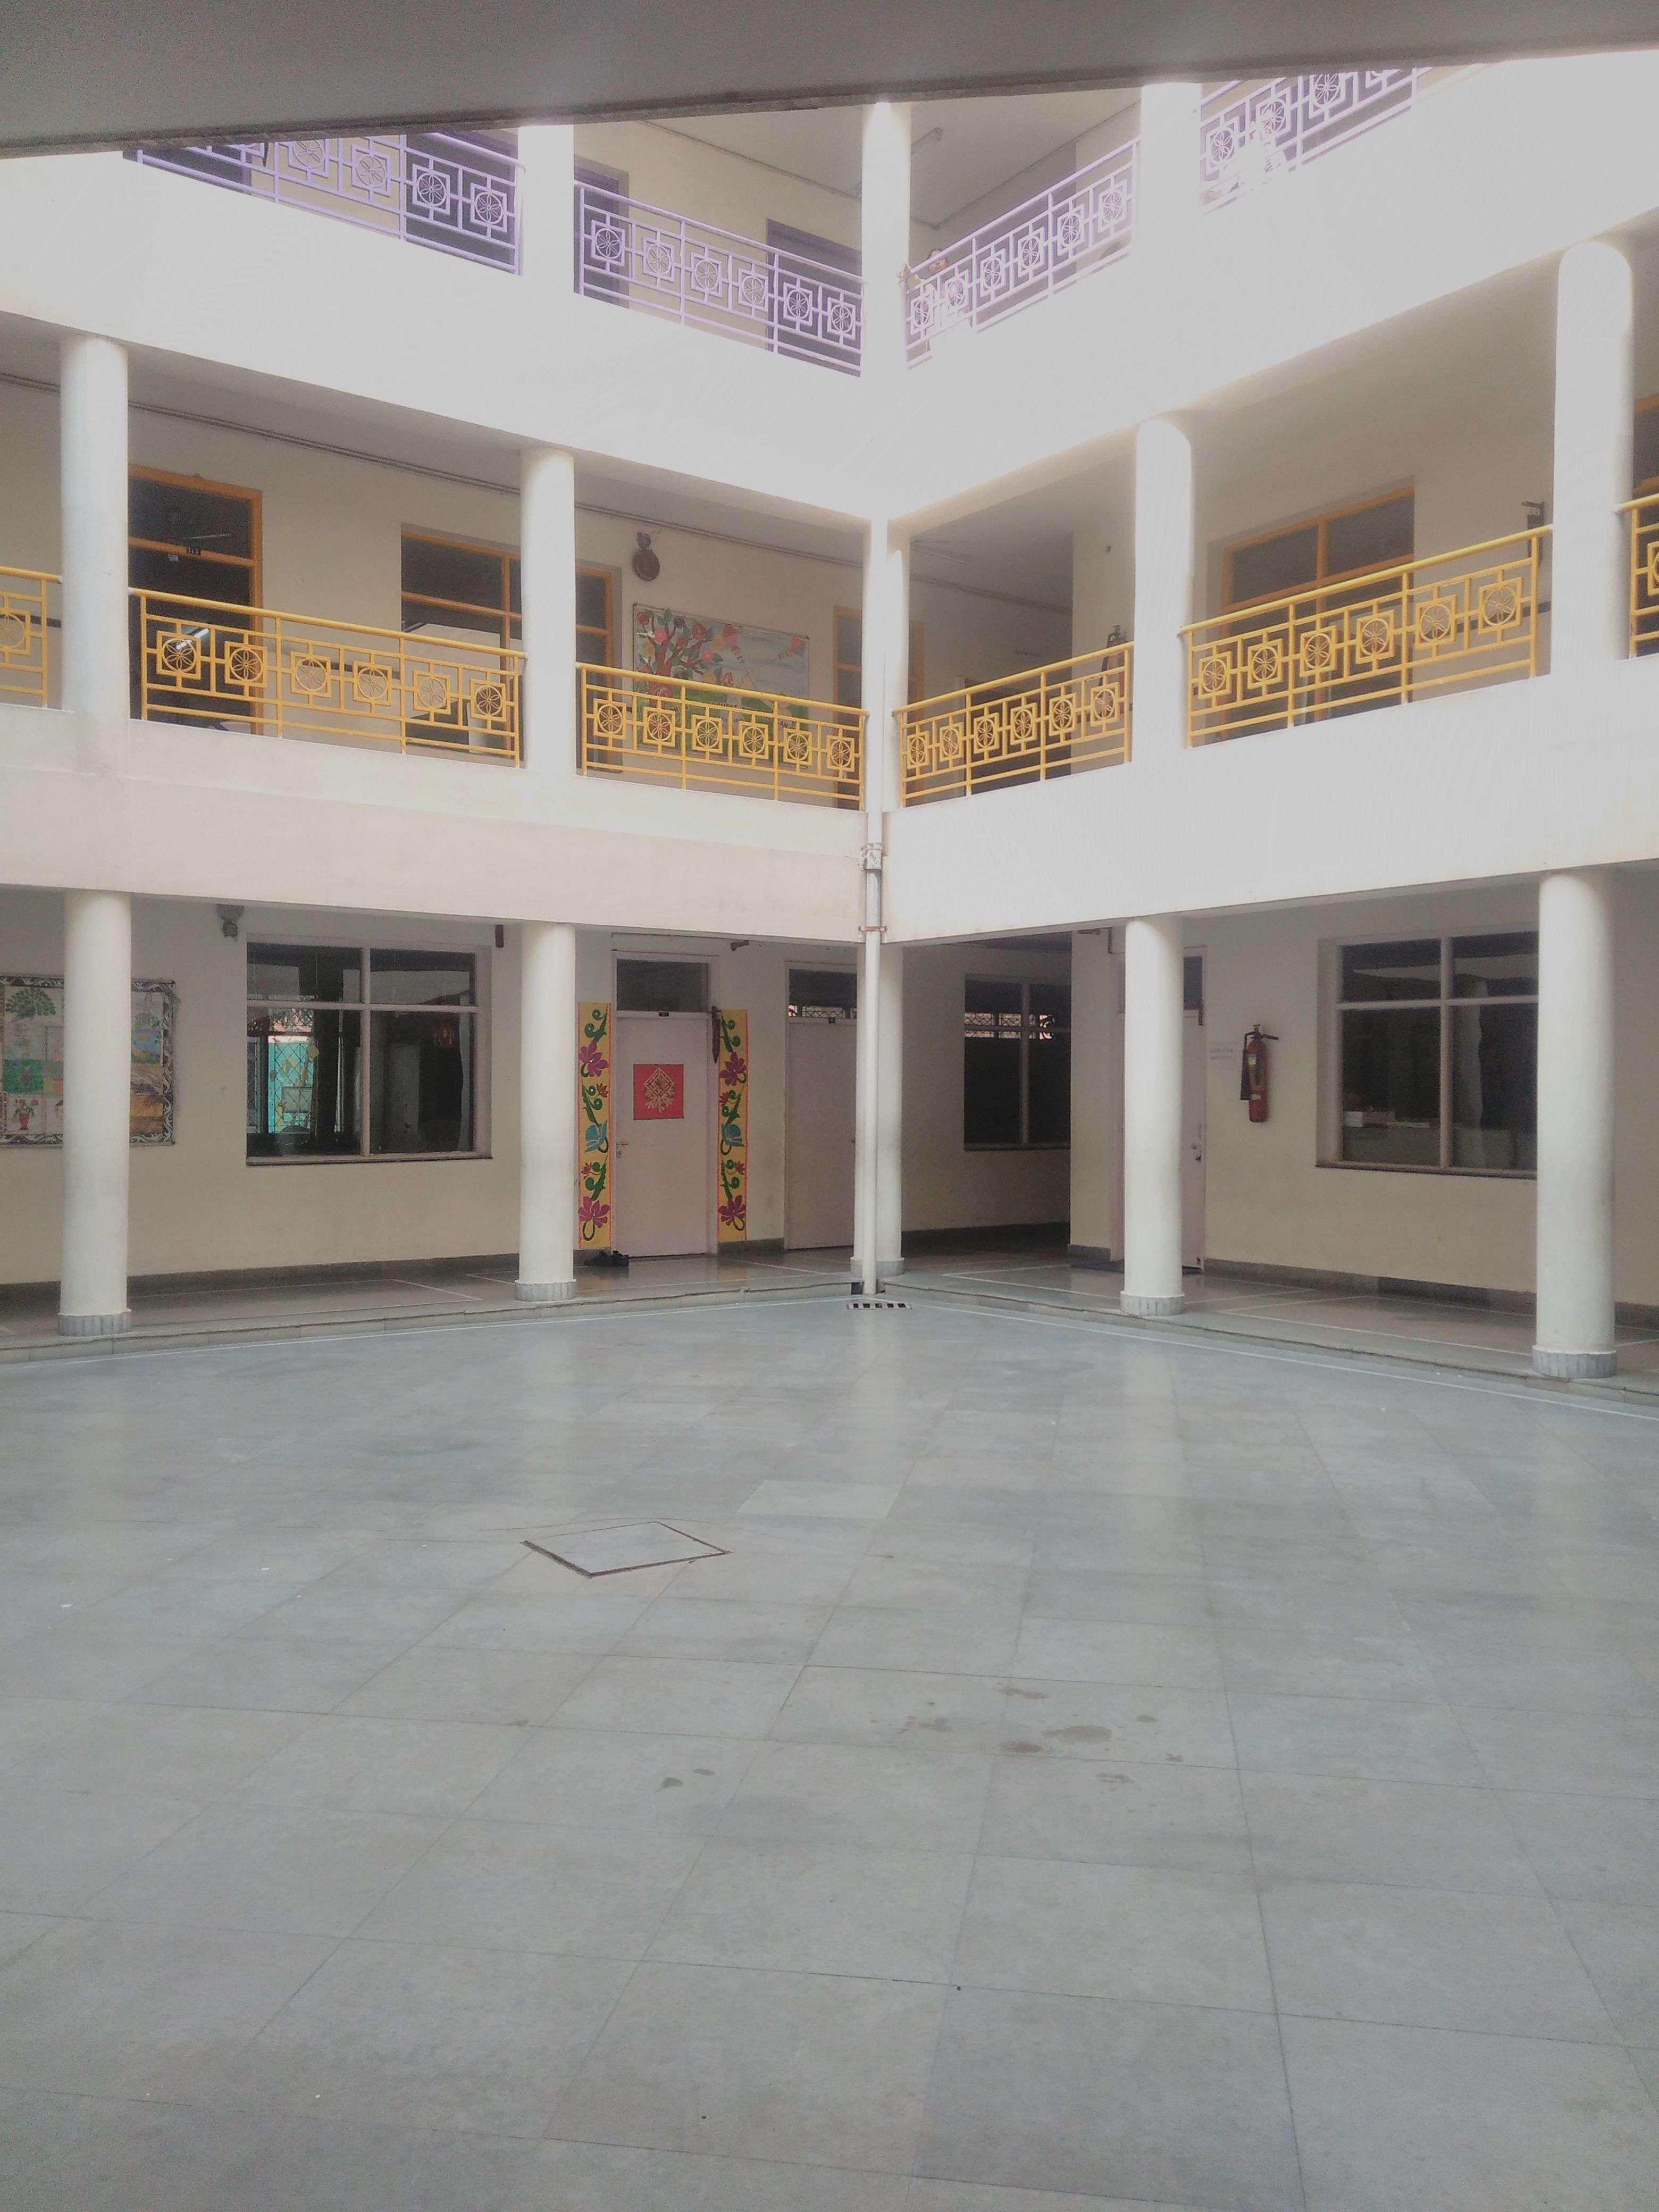 SUN VALLEY INTERNATIONAL SCHOOL A 1 SECTOR 1 VAISHALI UTTAR PRADESH 2130652